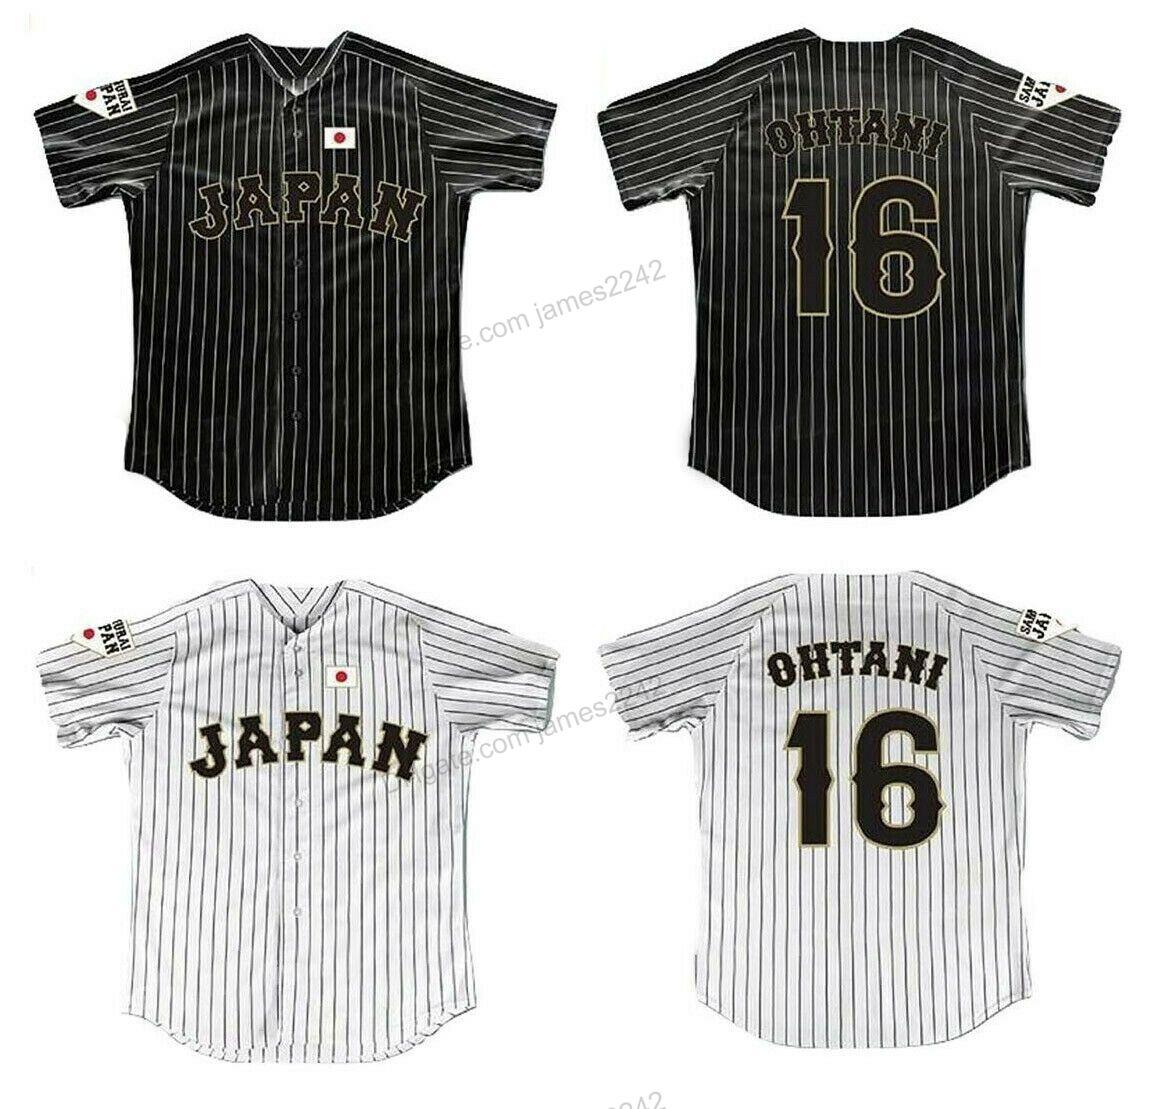 Пользовательские Японии Самурай 16 Shohei Отани фильм Бейсбол Джерси Дважды прошитой любое имя и номер Black White Stripe полосатых Лучшие качества